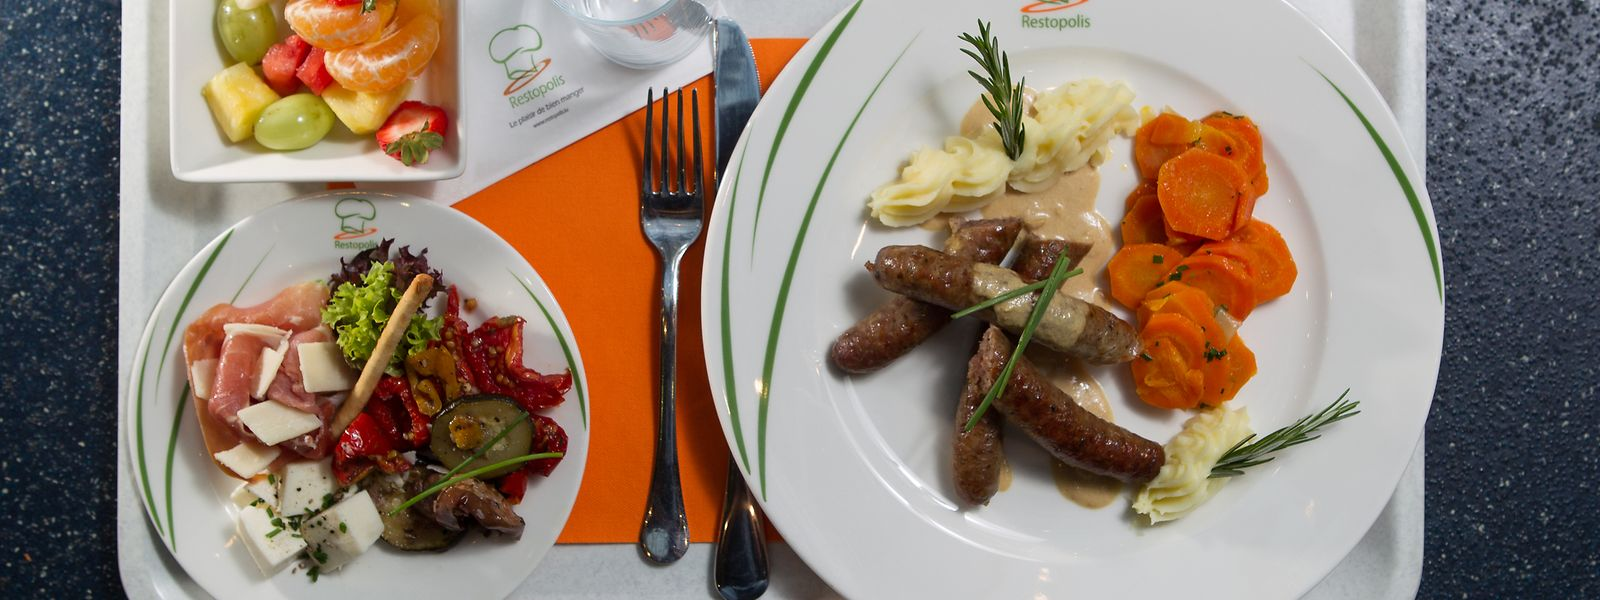 Depuis la rentrée 2020-21, chaque jour un plat bio est servi dans les établissements Restopolis.